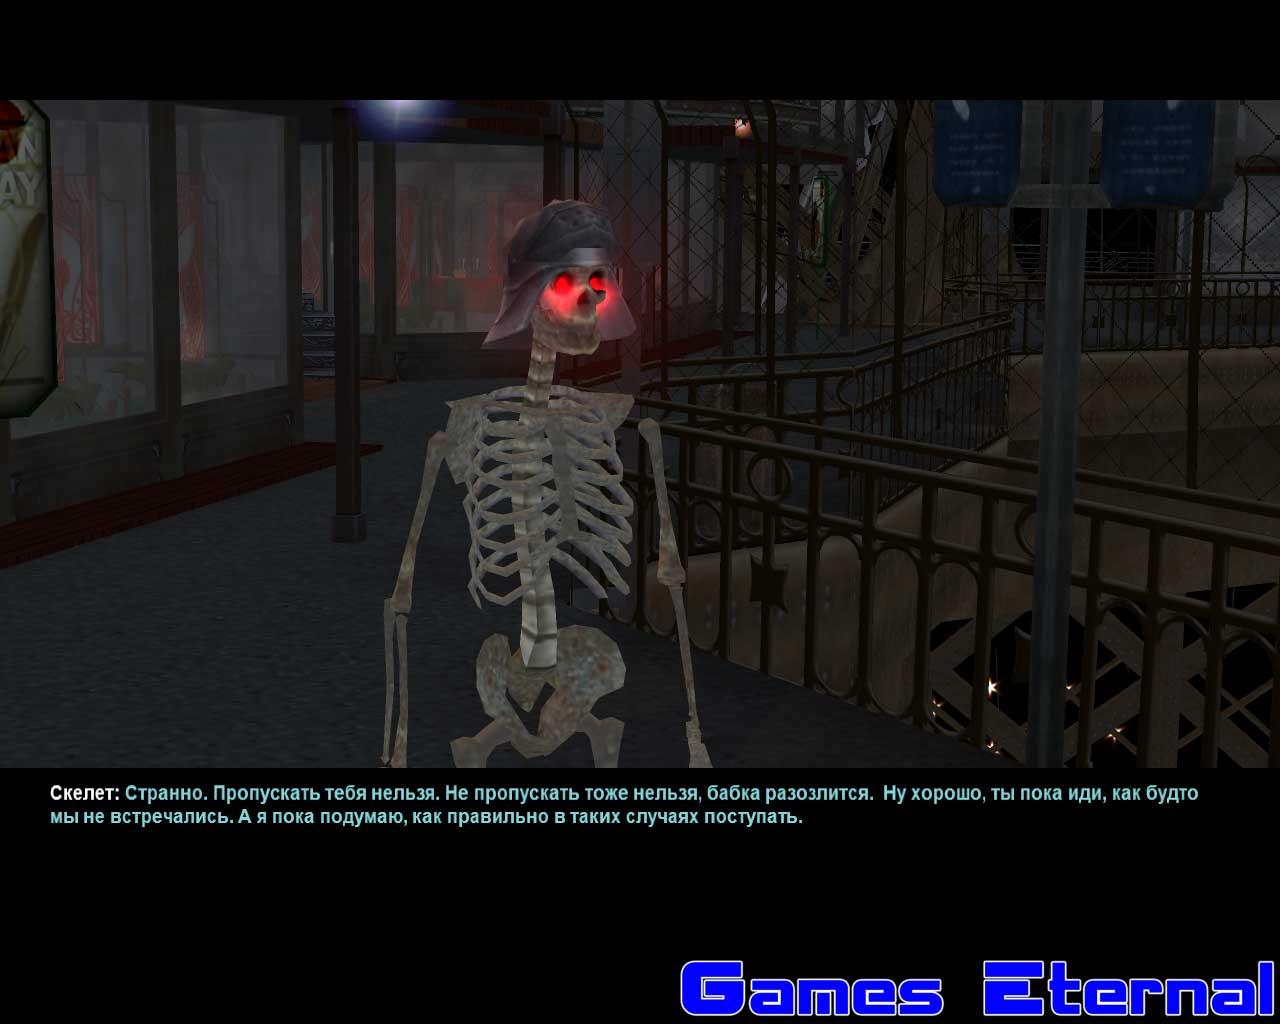 http://gameseternal.narod.ru/dwatch_scr/0004.jpg